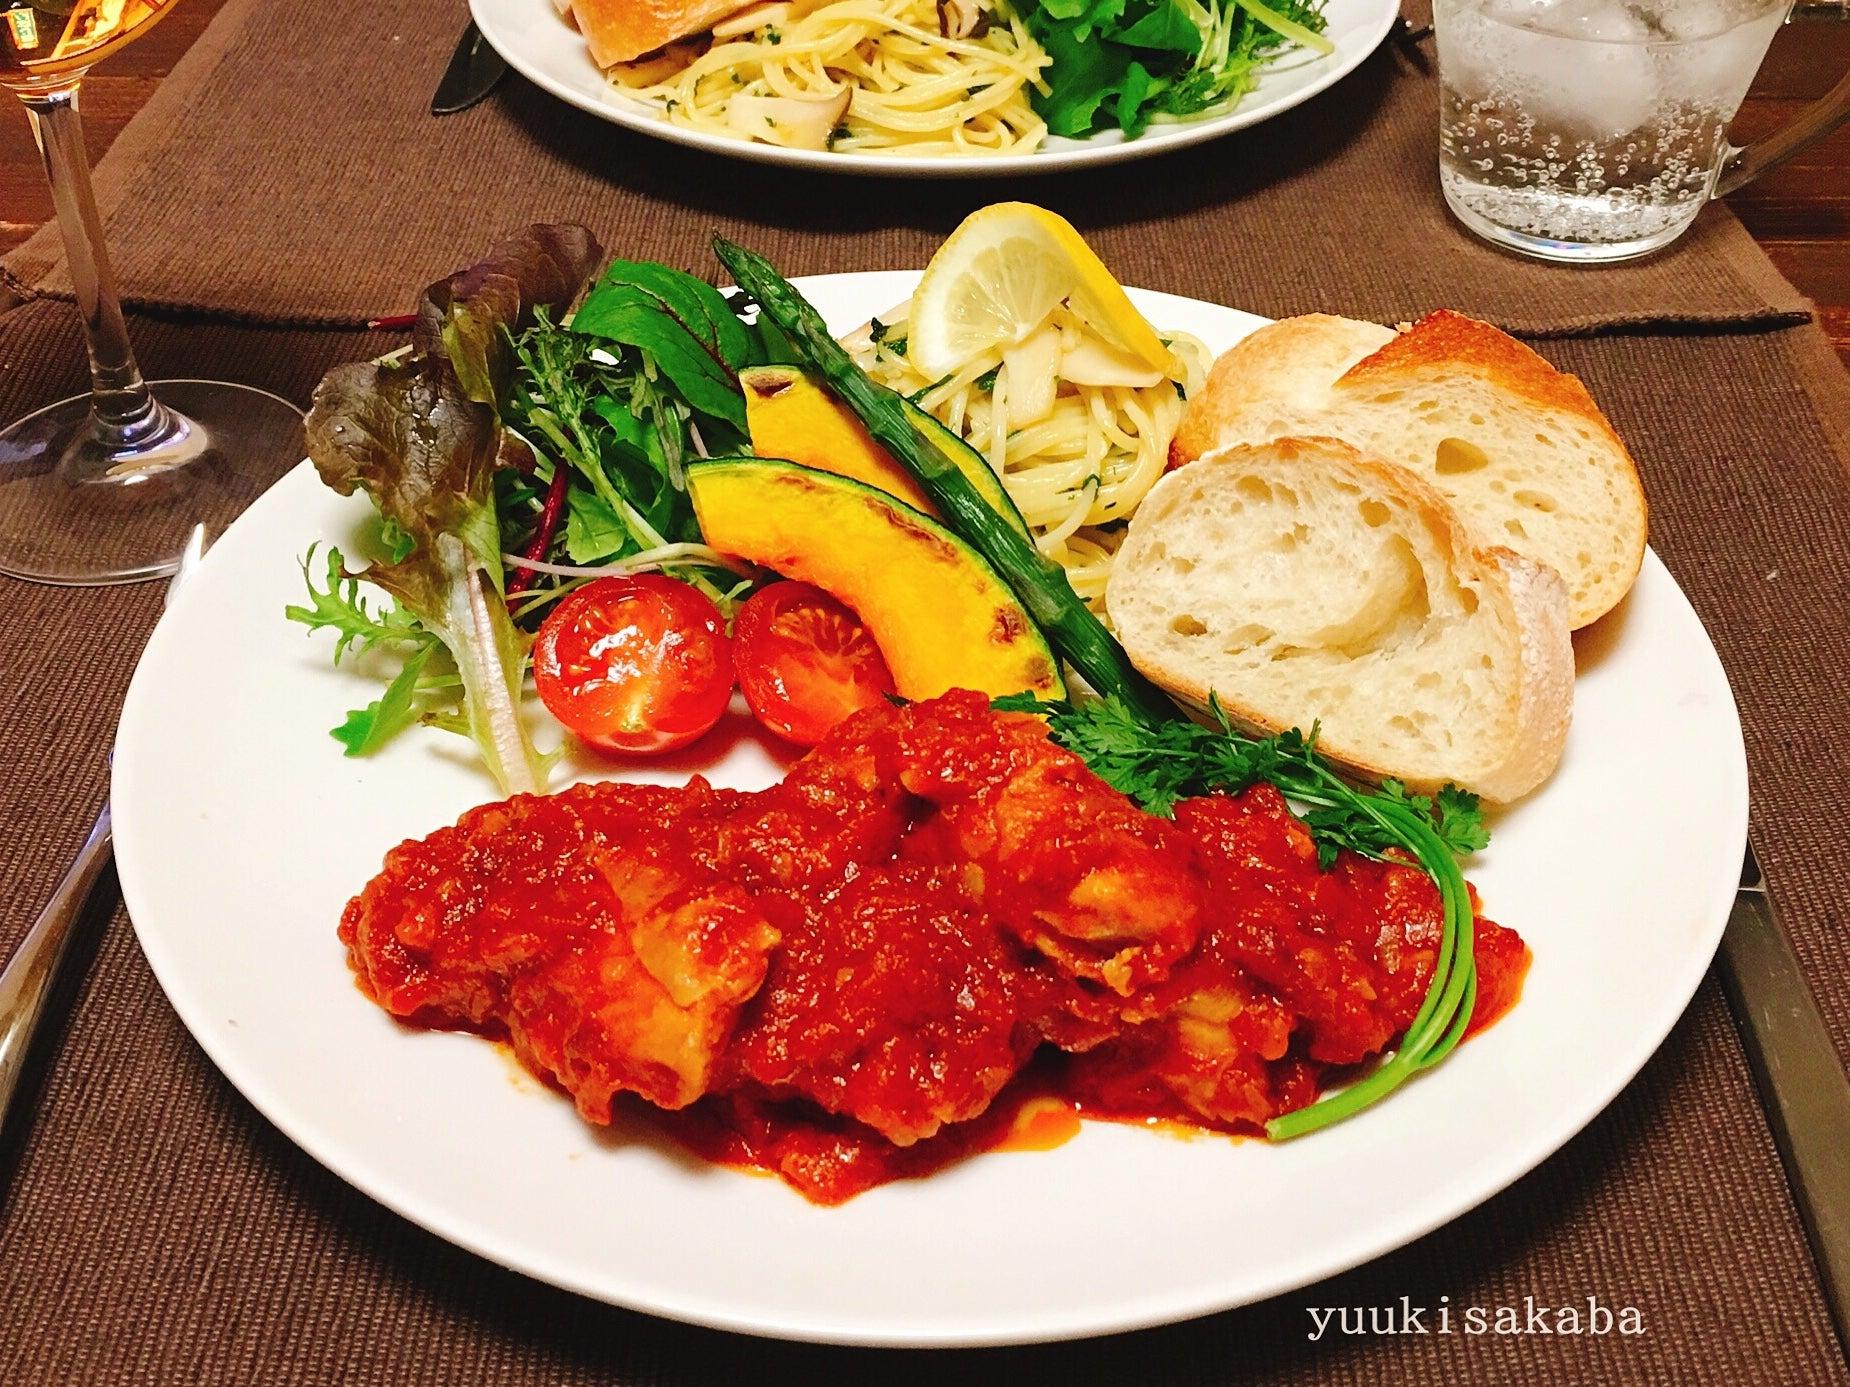 煮込み 鶏肉 トマト